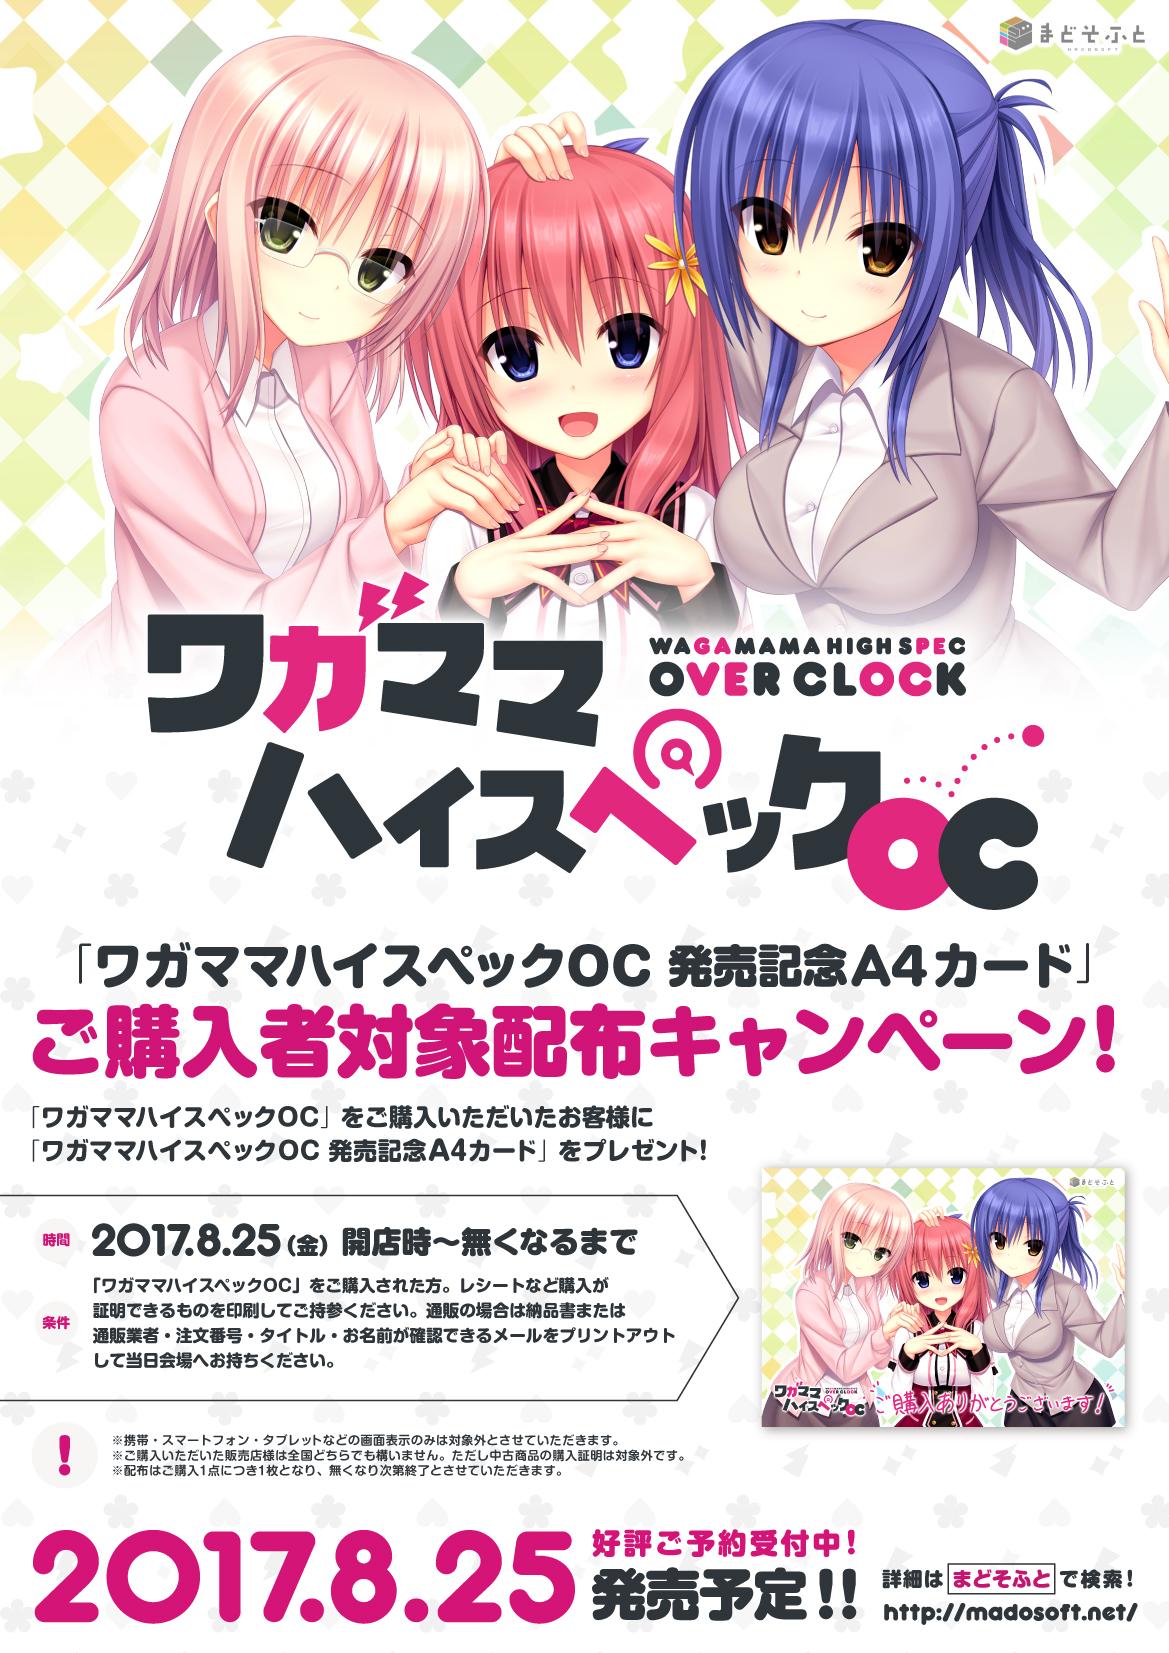 ワガハイOC発売記念ペーパーキャンペーン_A3POP2.jpg